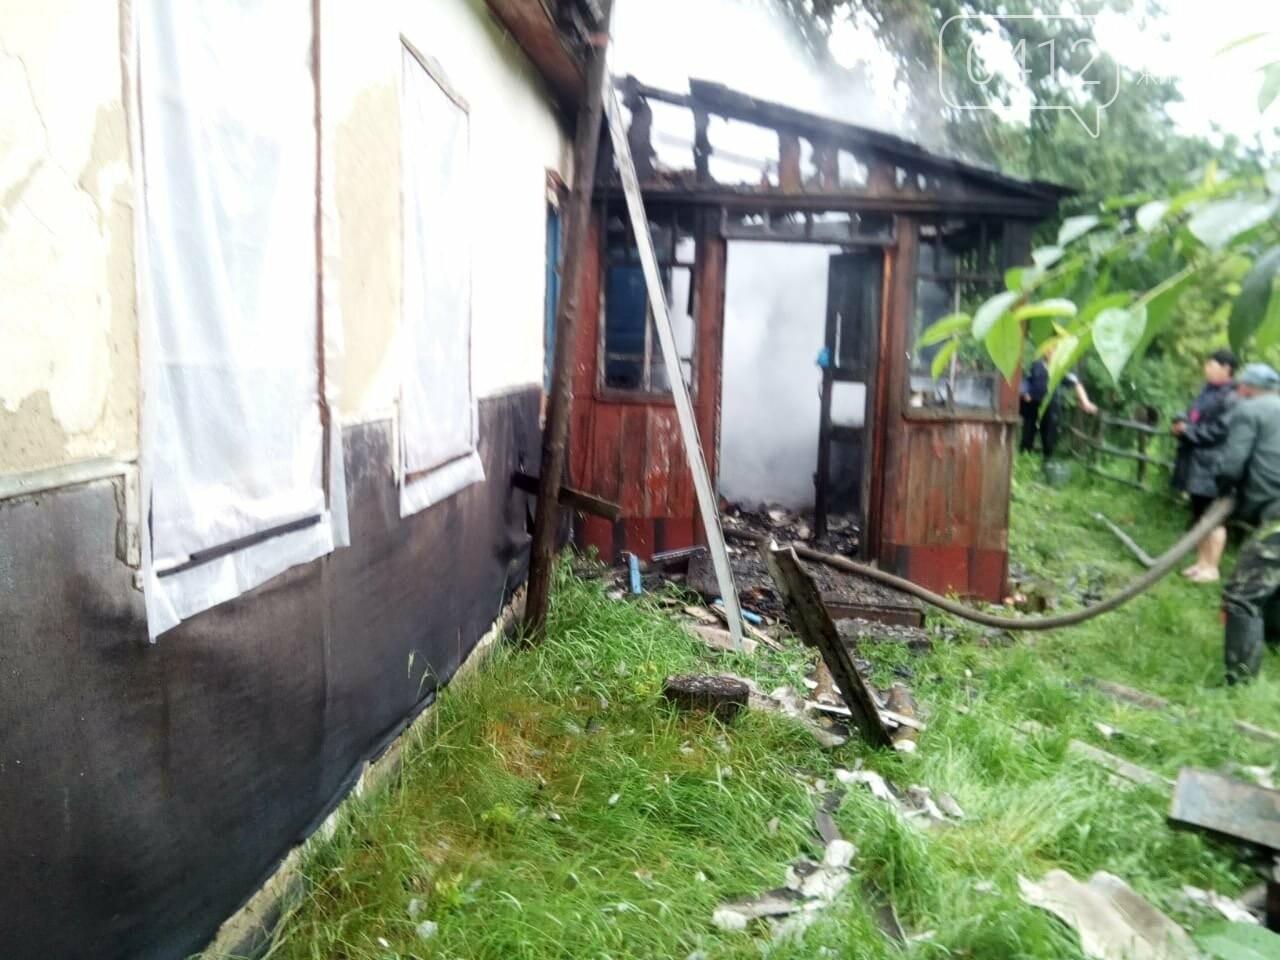 Унаслідок пожежі на Житомирщині знищено дах приватного будинку, фото-2